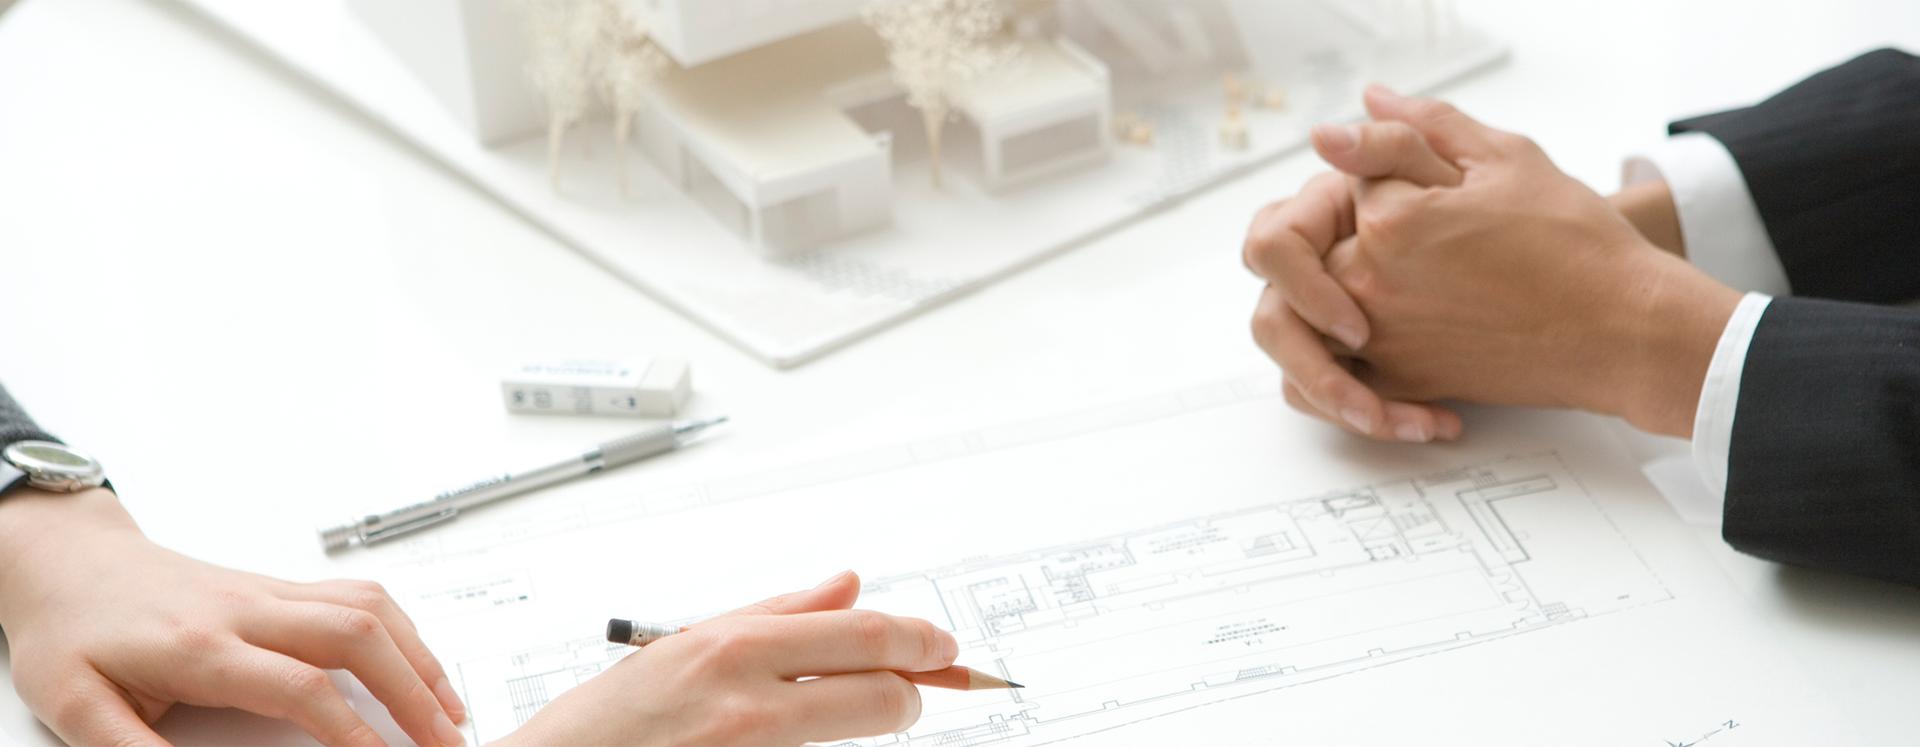 嶌谷(しまたに)建築設計株式会社